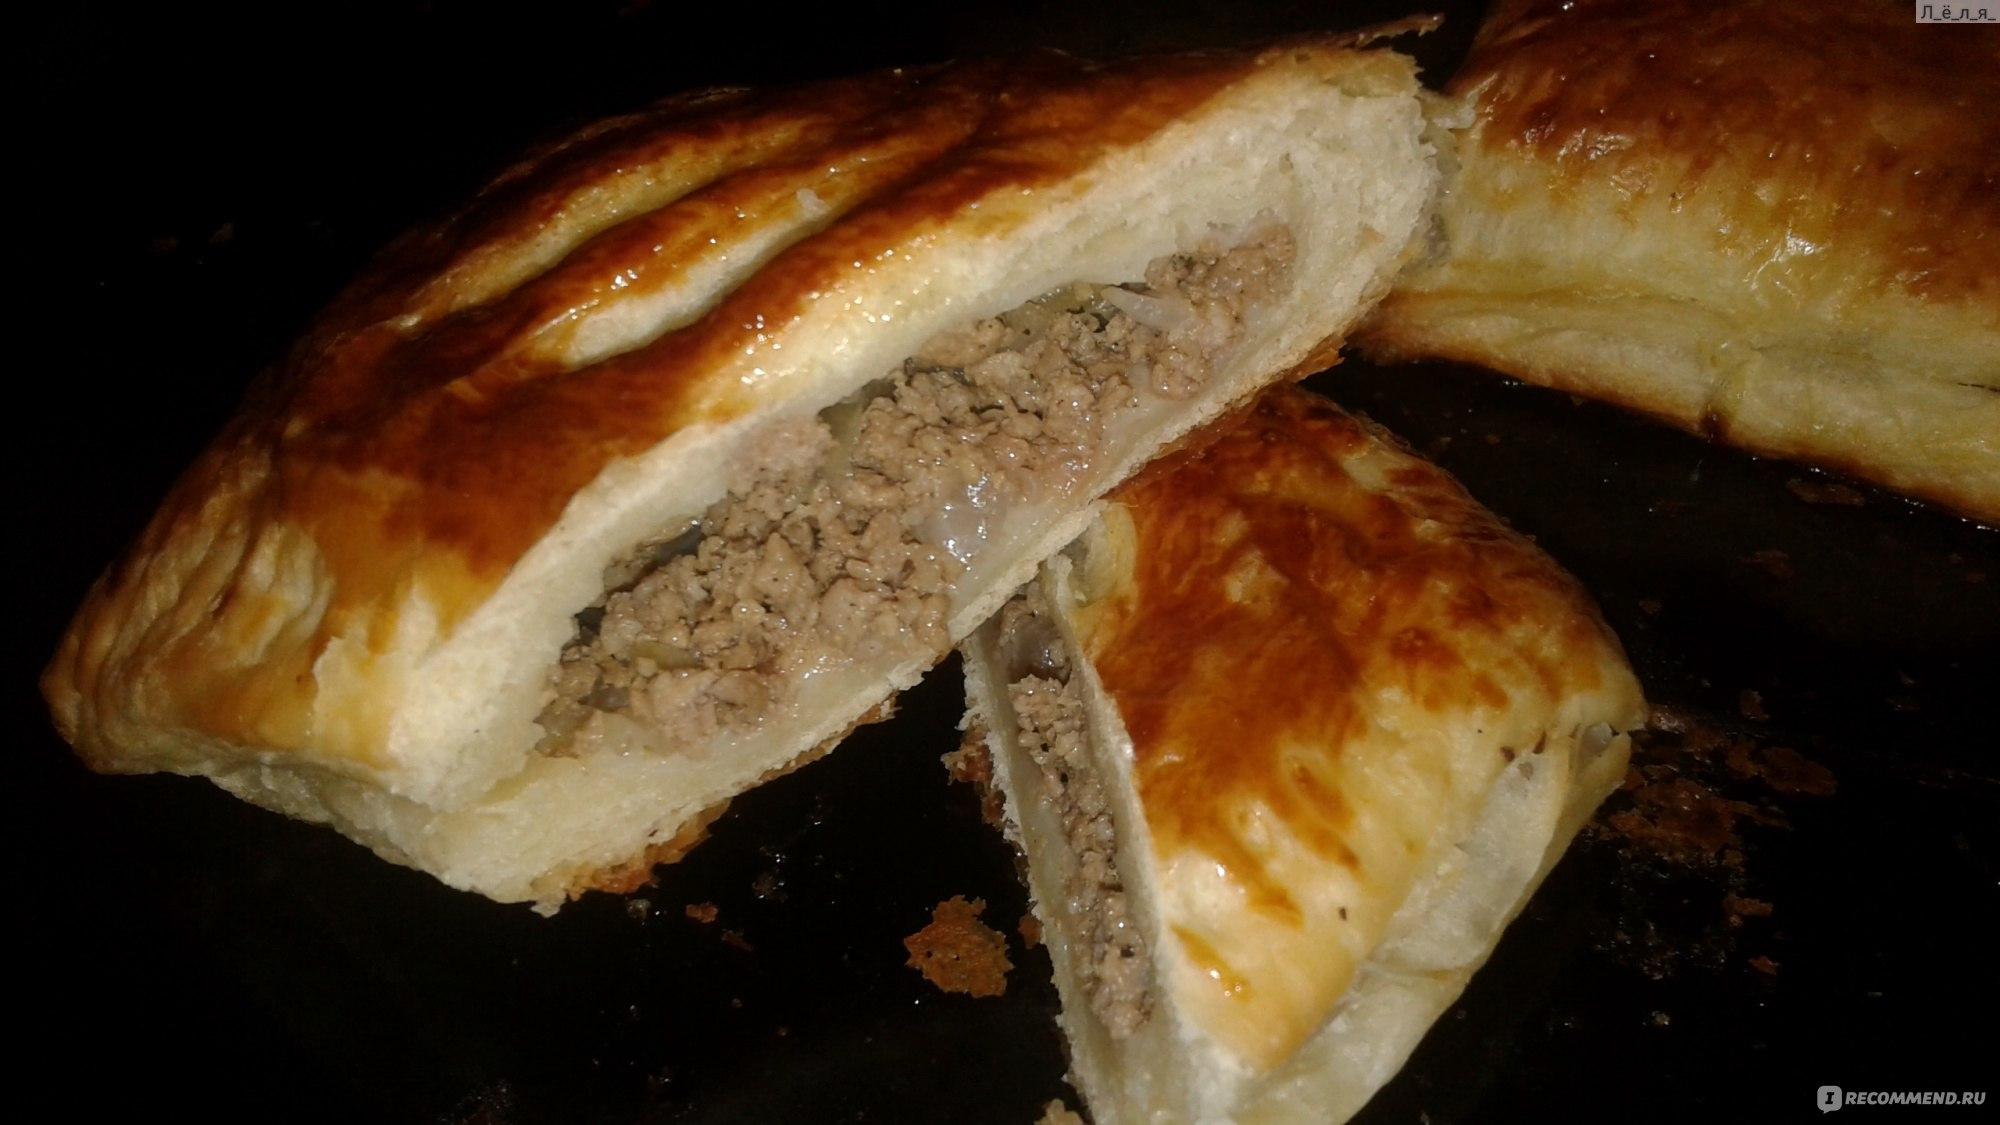 Слойки с мясом пошаговый рецепт (17 фото) 41